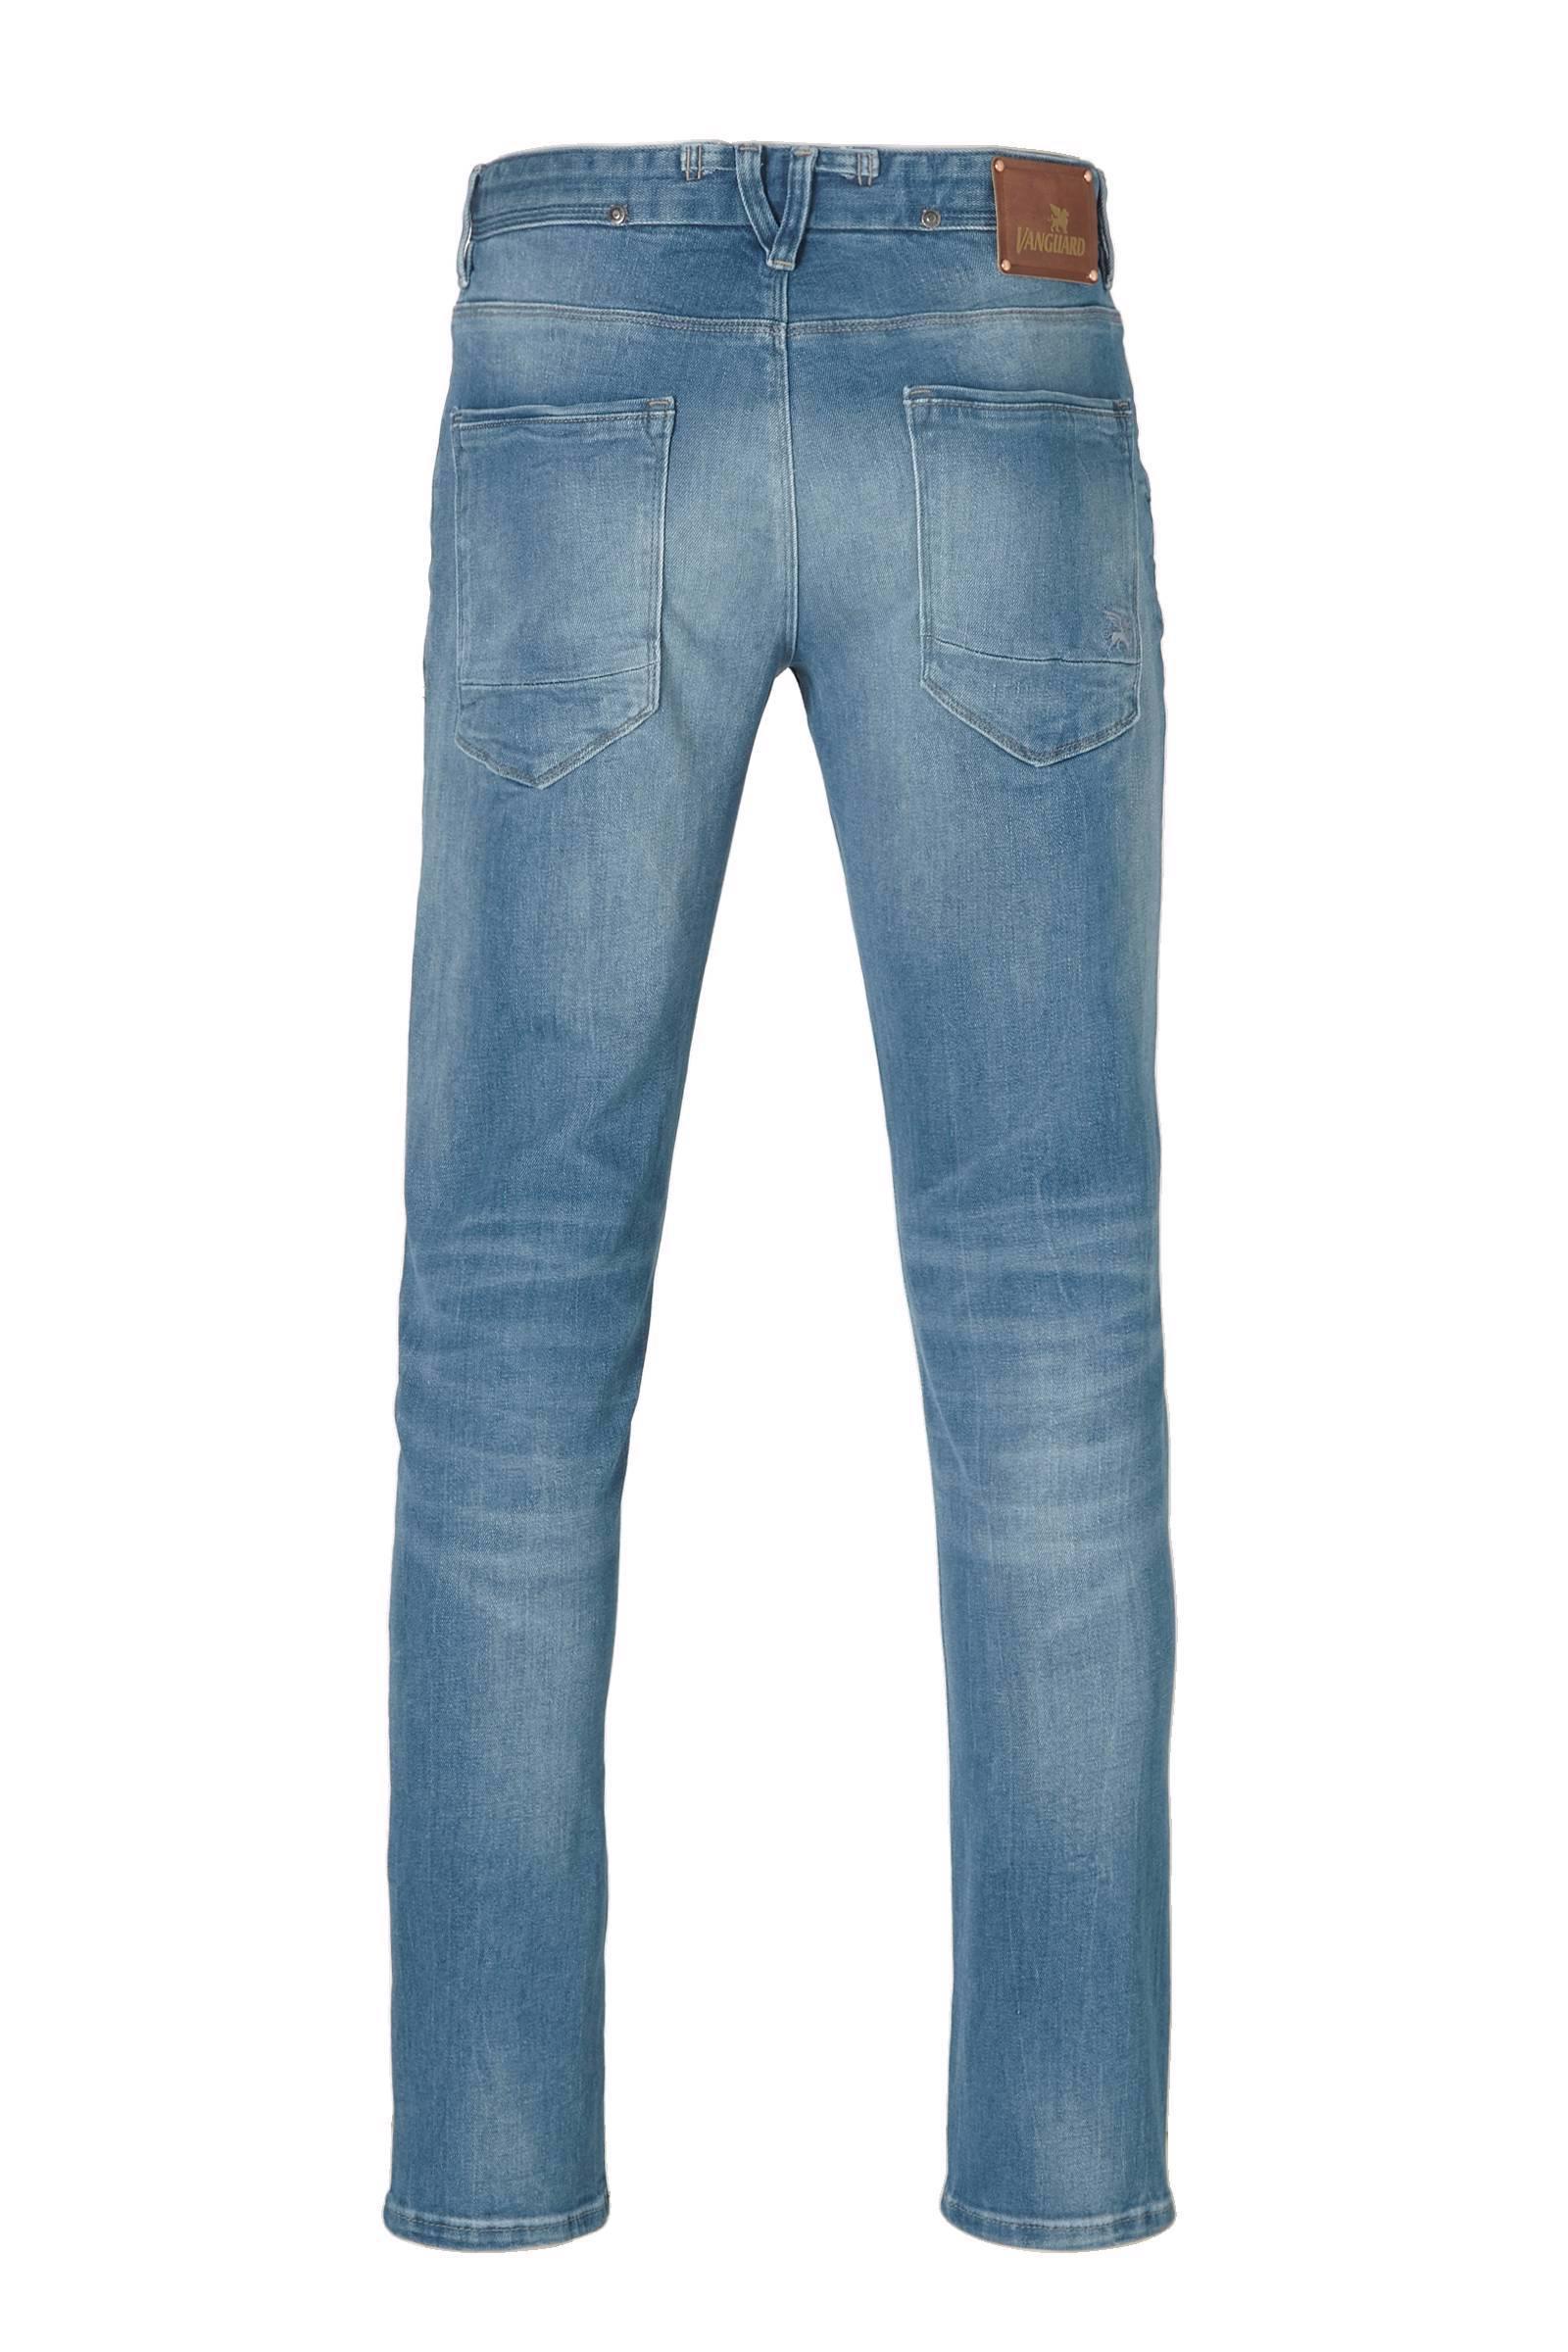 Vanguard Denim Regular Fit Jeans V7 Rider in het Blauw voor heren